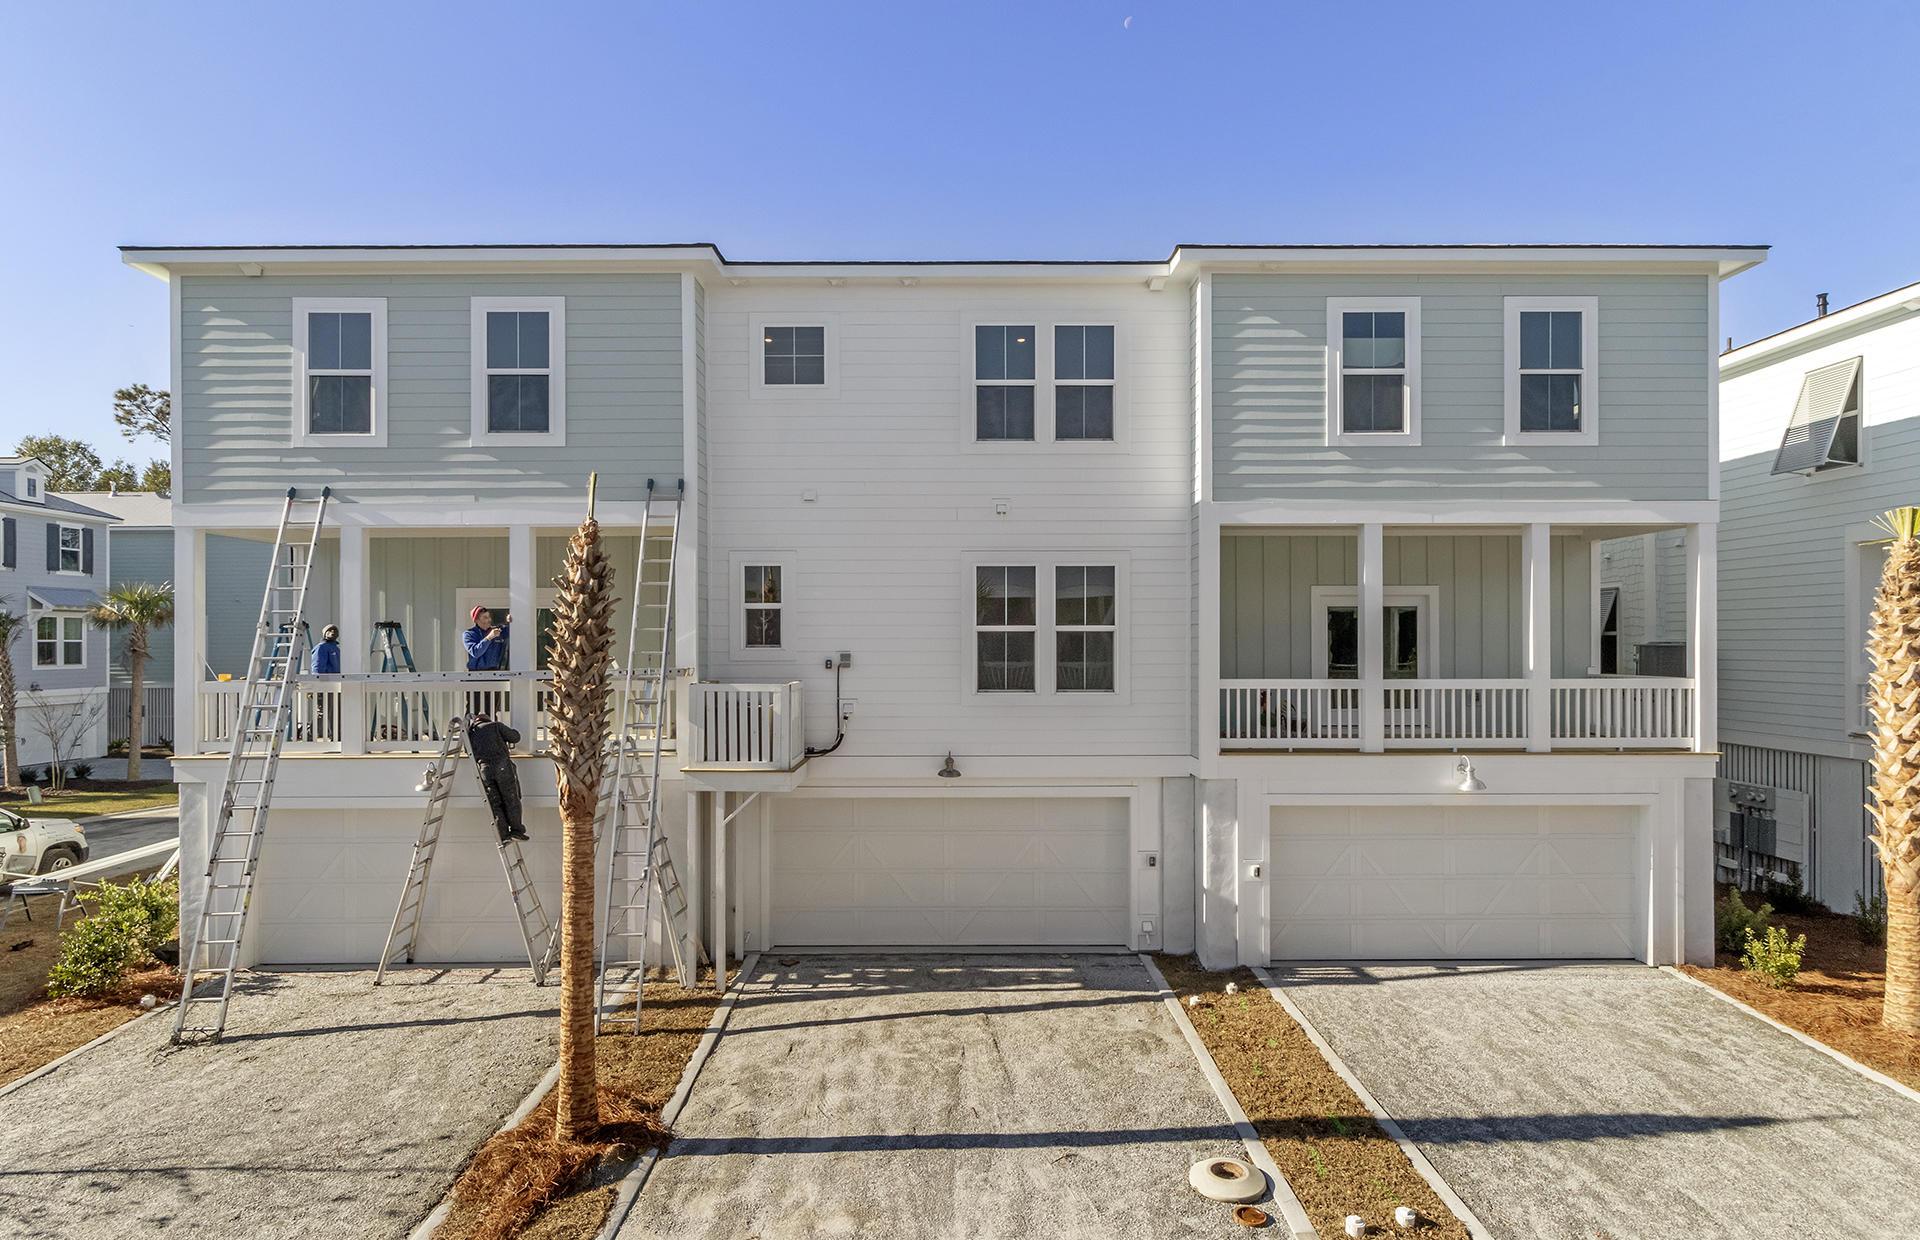 Kings Flats Homes For Sale - 110 Alder, Charleston, SC - 0